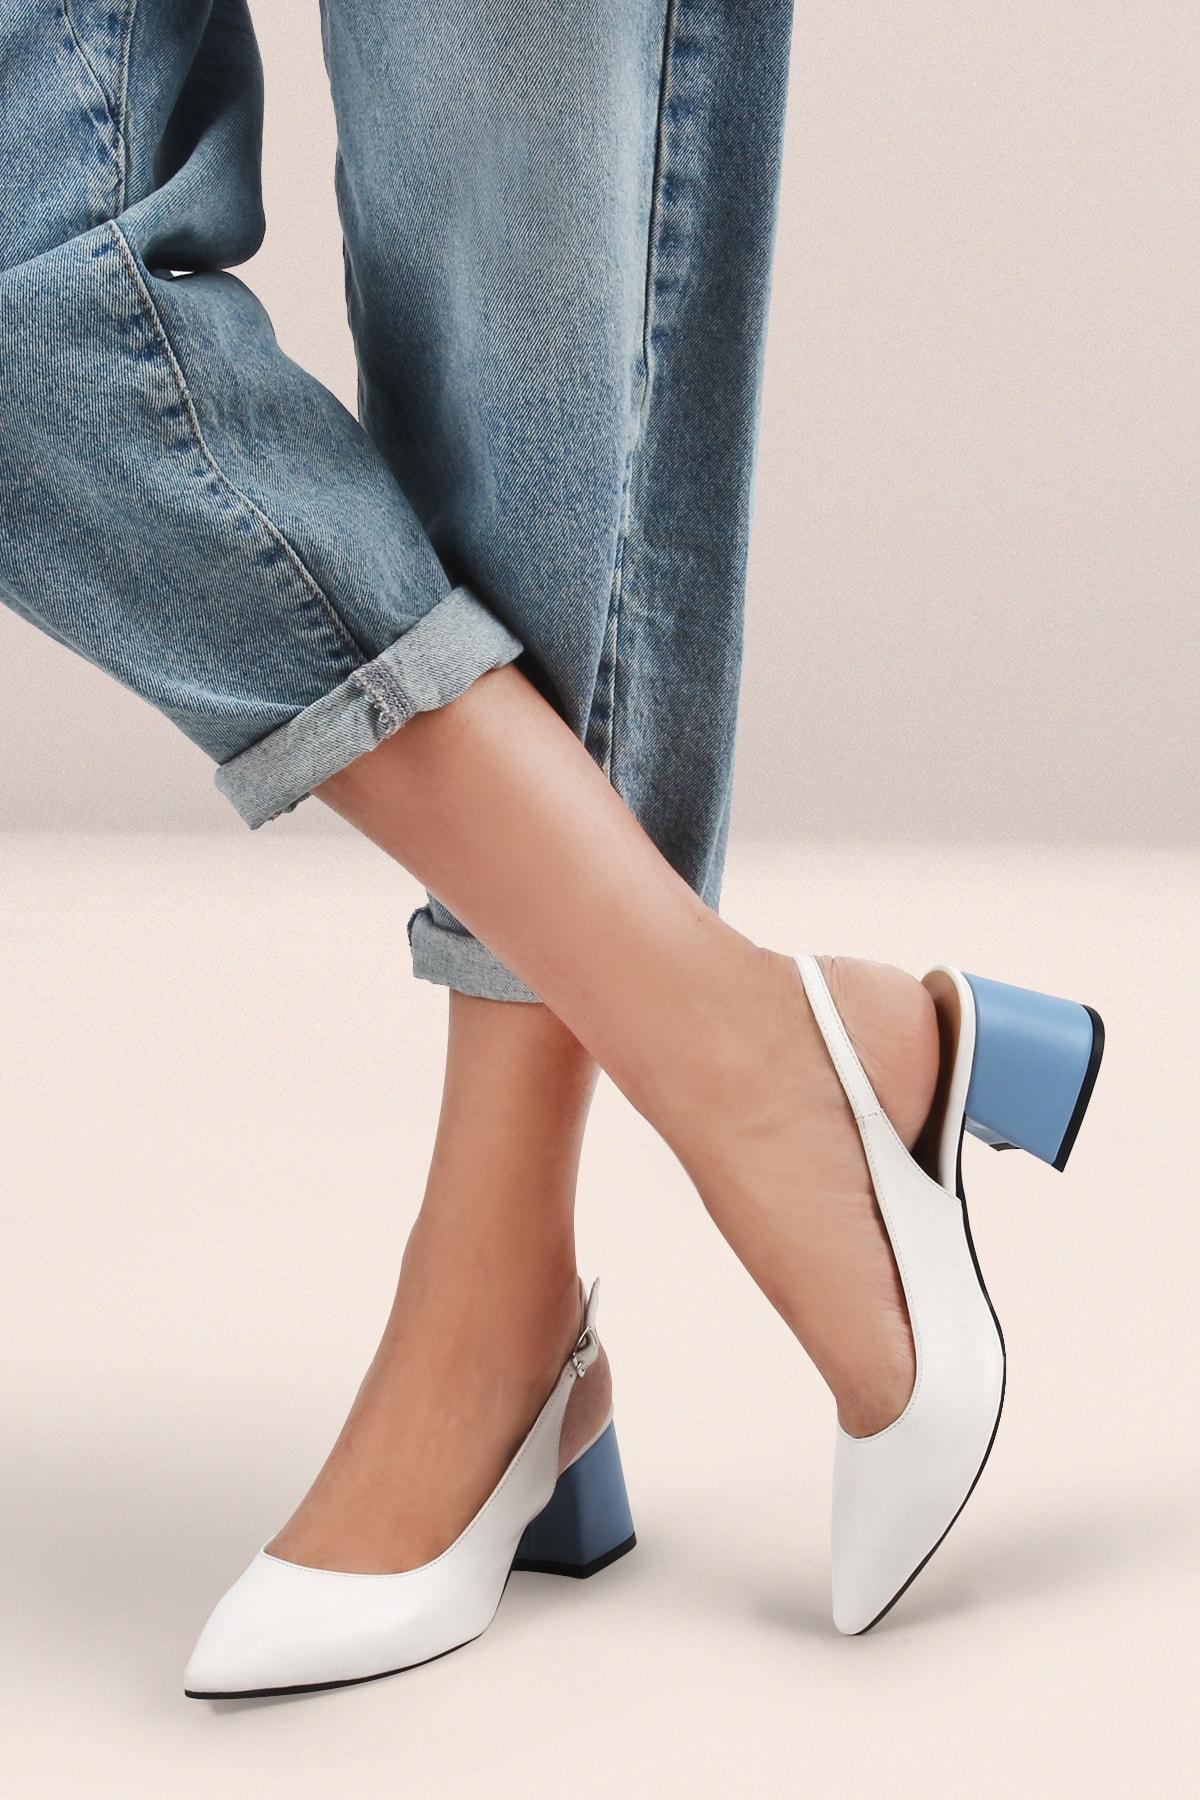 Gökhan Talay Beyaz Kadın Topuklu Arkası Açık Ayakkabı 1